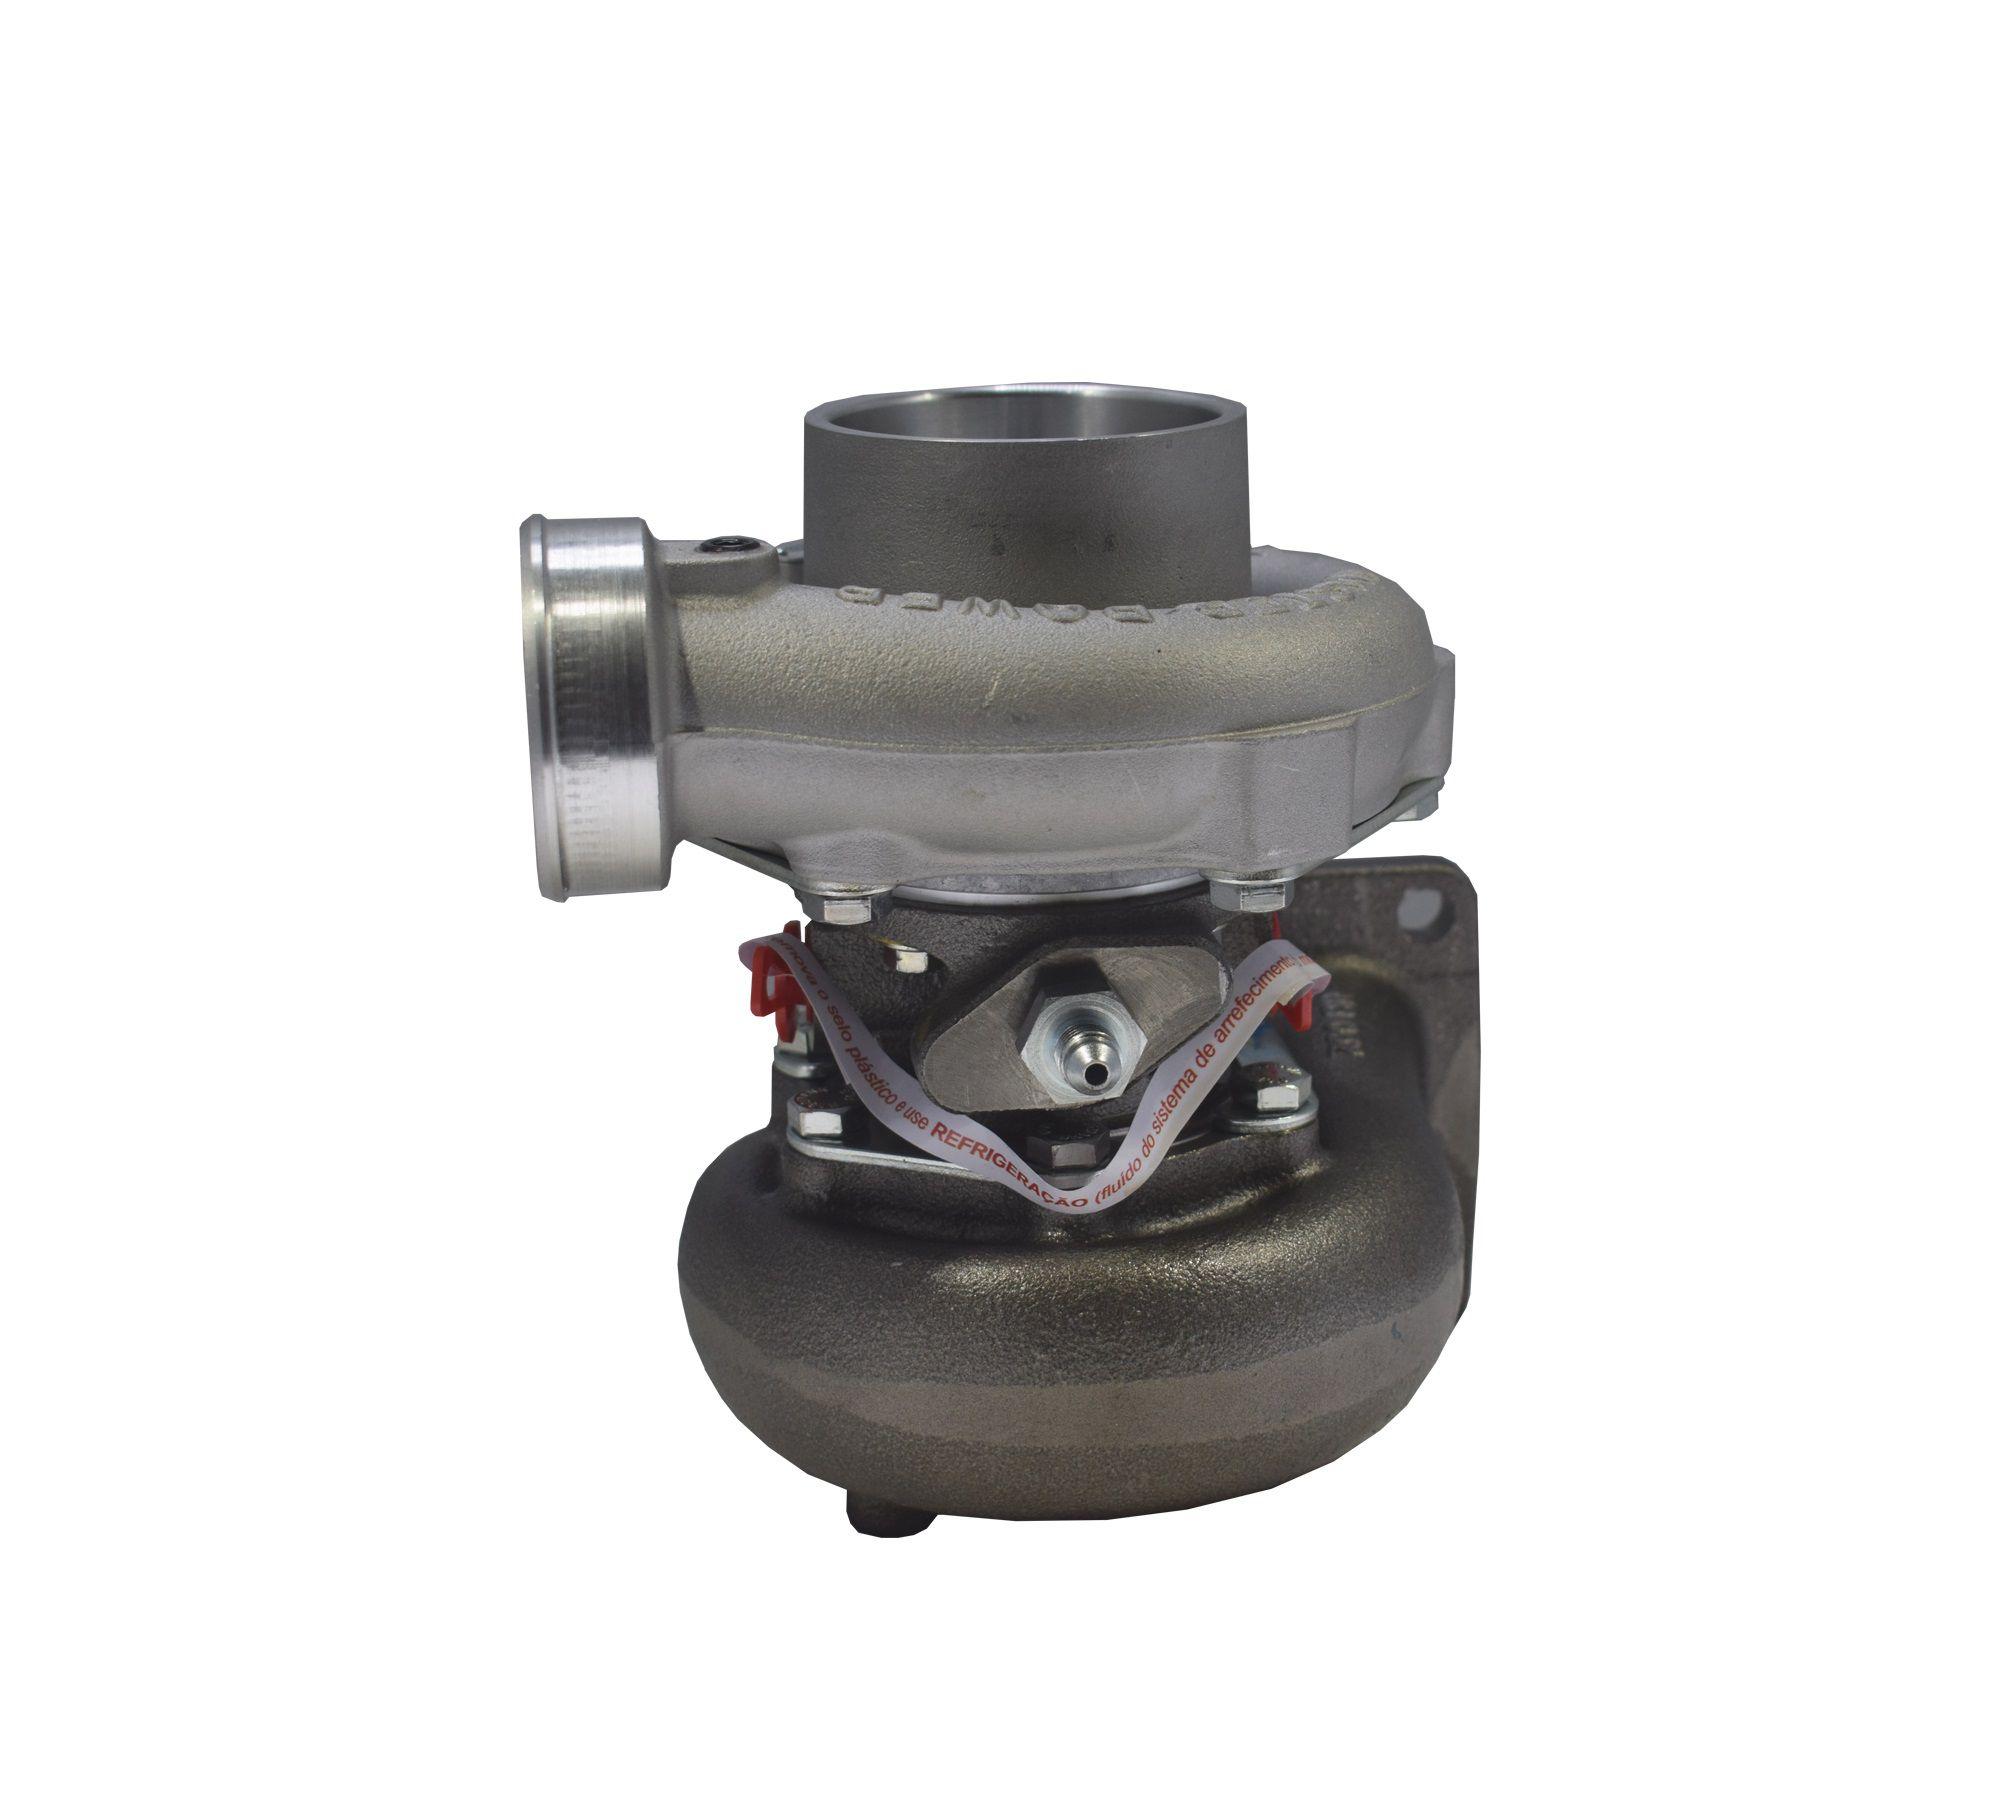 Turbina Roletada / Bearing Master Power - RB 4449 63. Mono